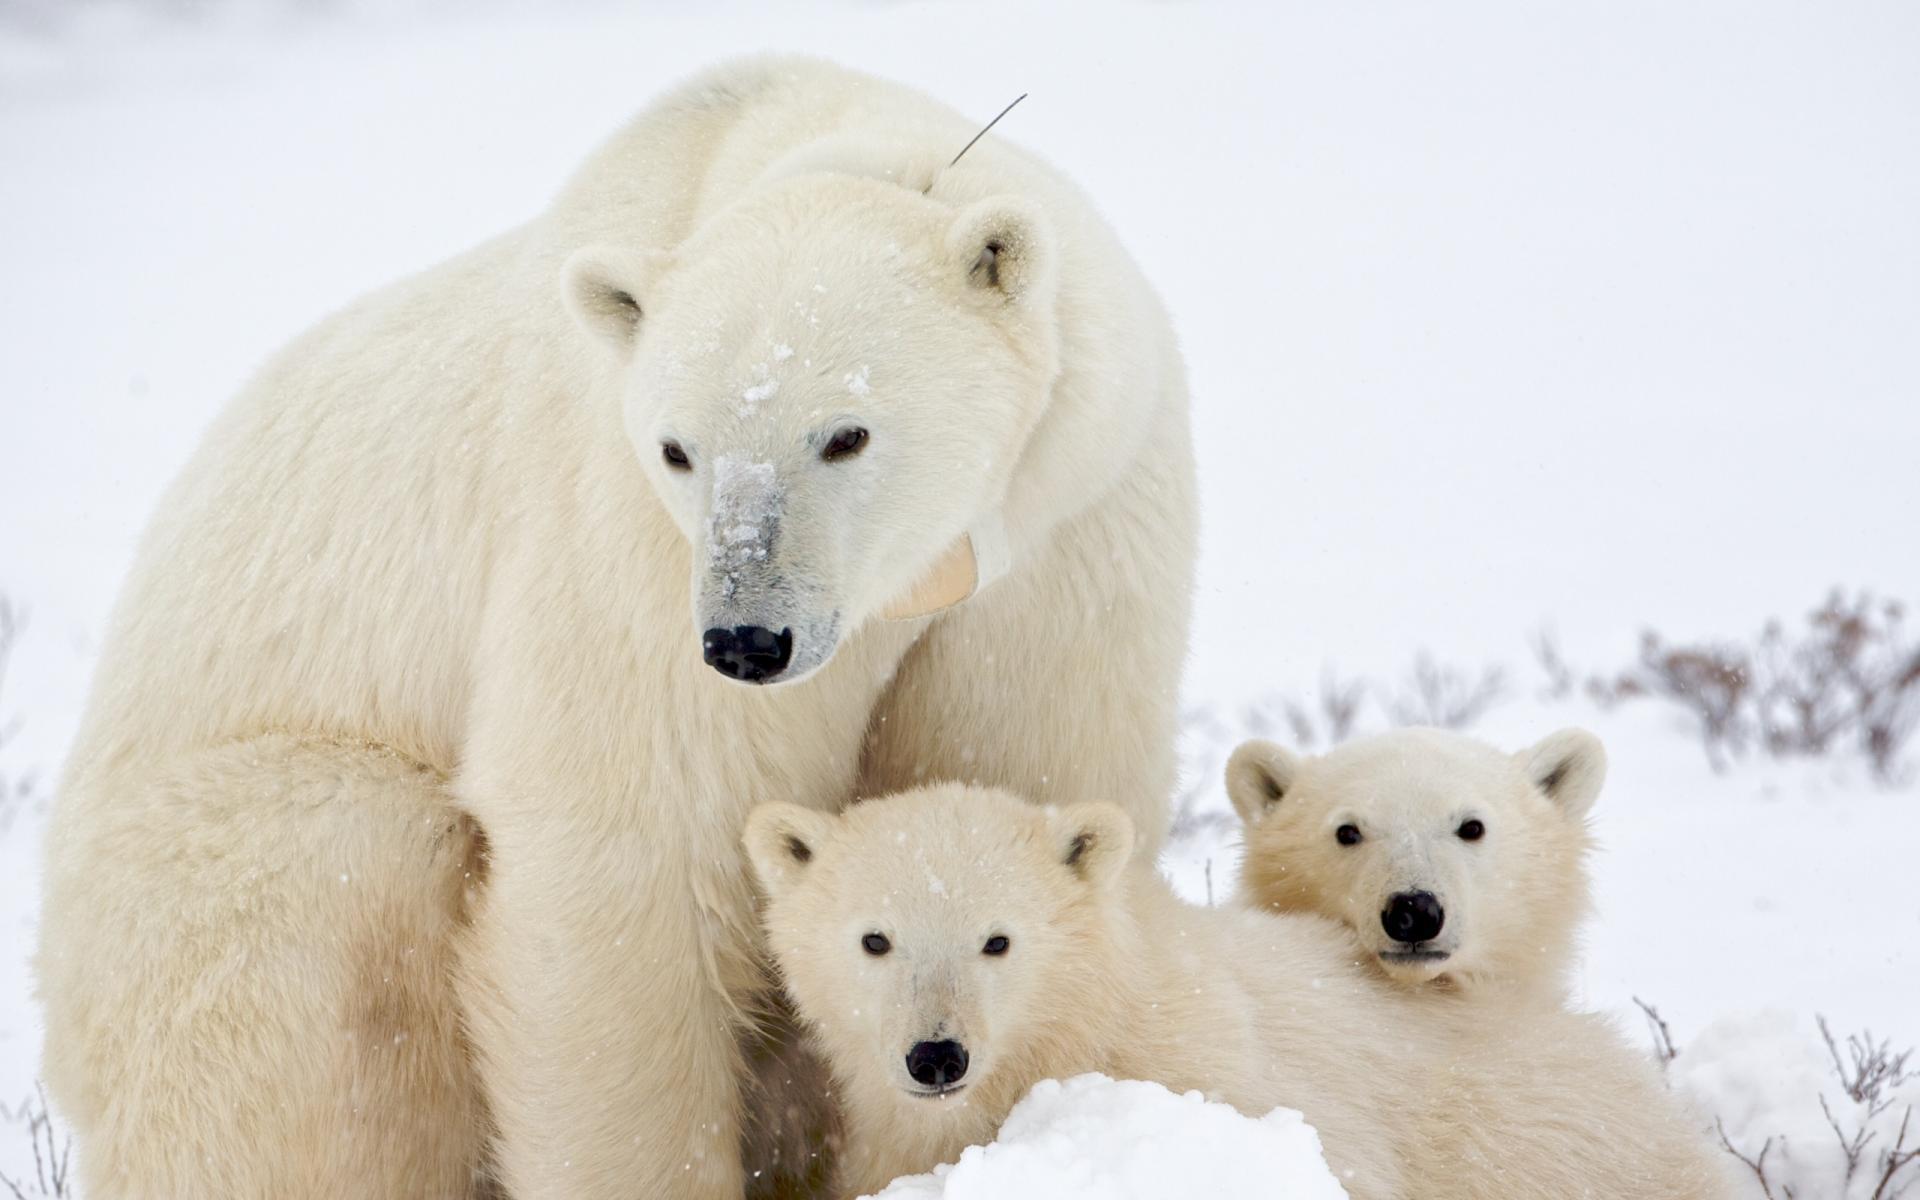 Белые медведи начали усиленно размножаться в Якутии